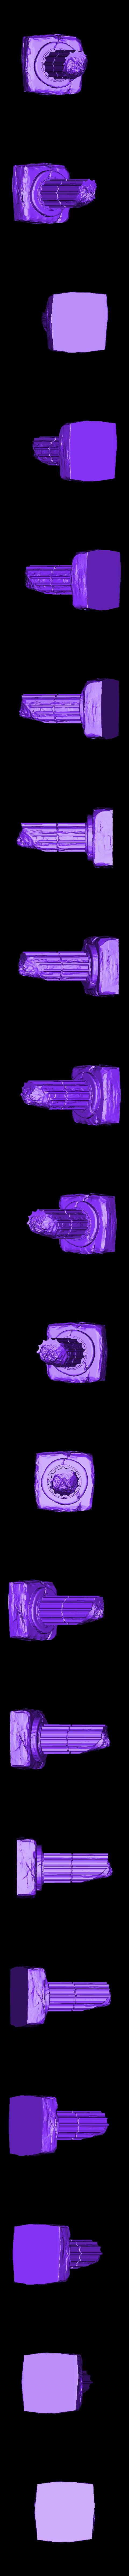 Column_D.stl Télécharger fichier STL gratuit Colonne de ruines romaines/grecques • Plan pour imprimante 3D, DarkRealms